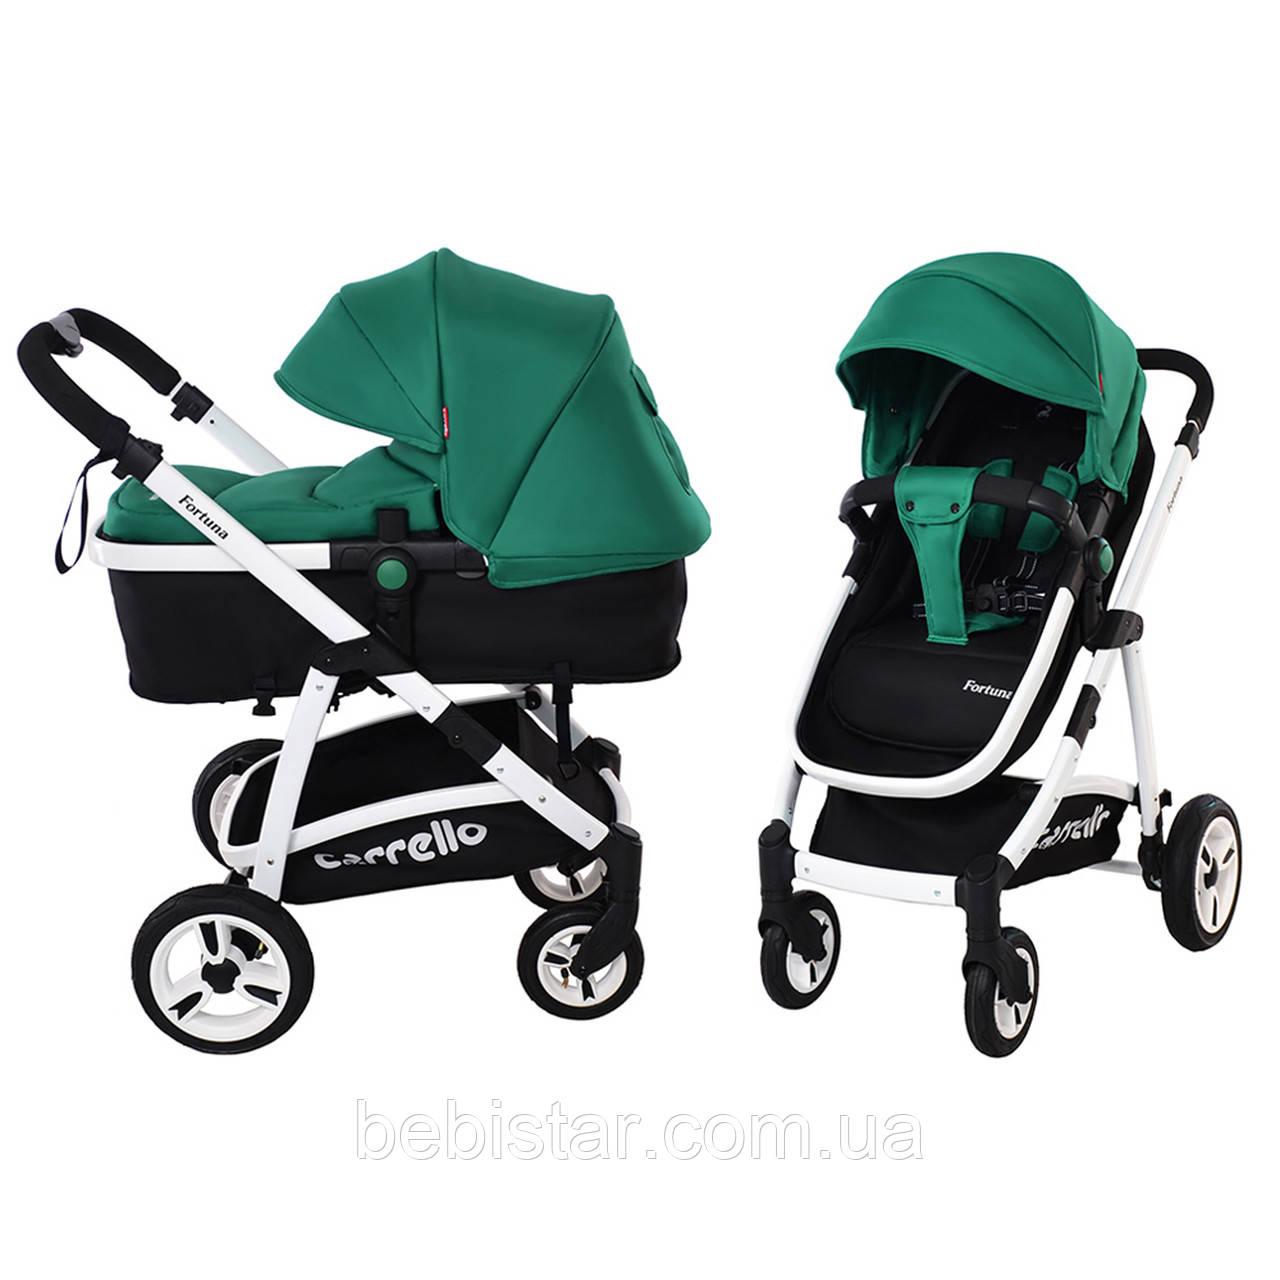 Универсальная коляска-трансформер зеленая Carrello Fortuna 9001 Basil Green деткам от рождения